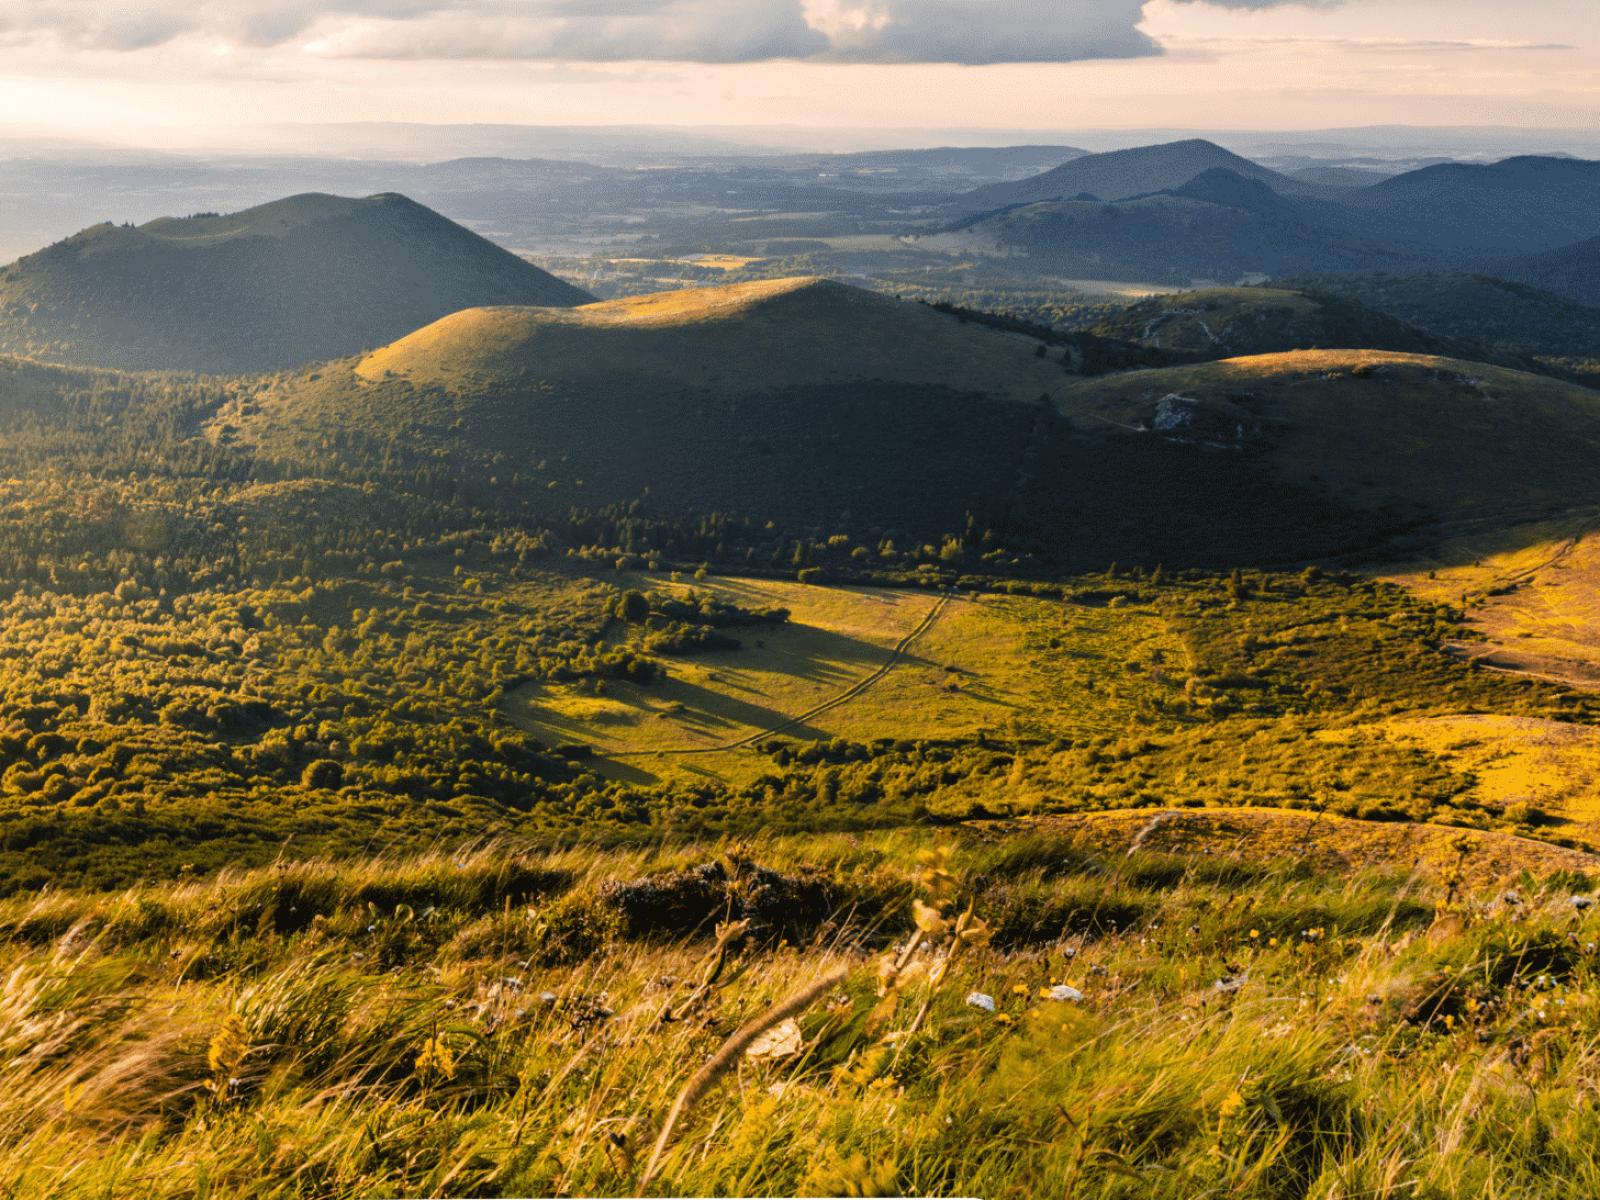 Vue sur la chaine des puy au levé du jour en Auvergne.